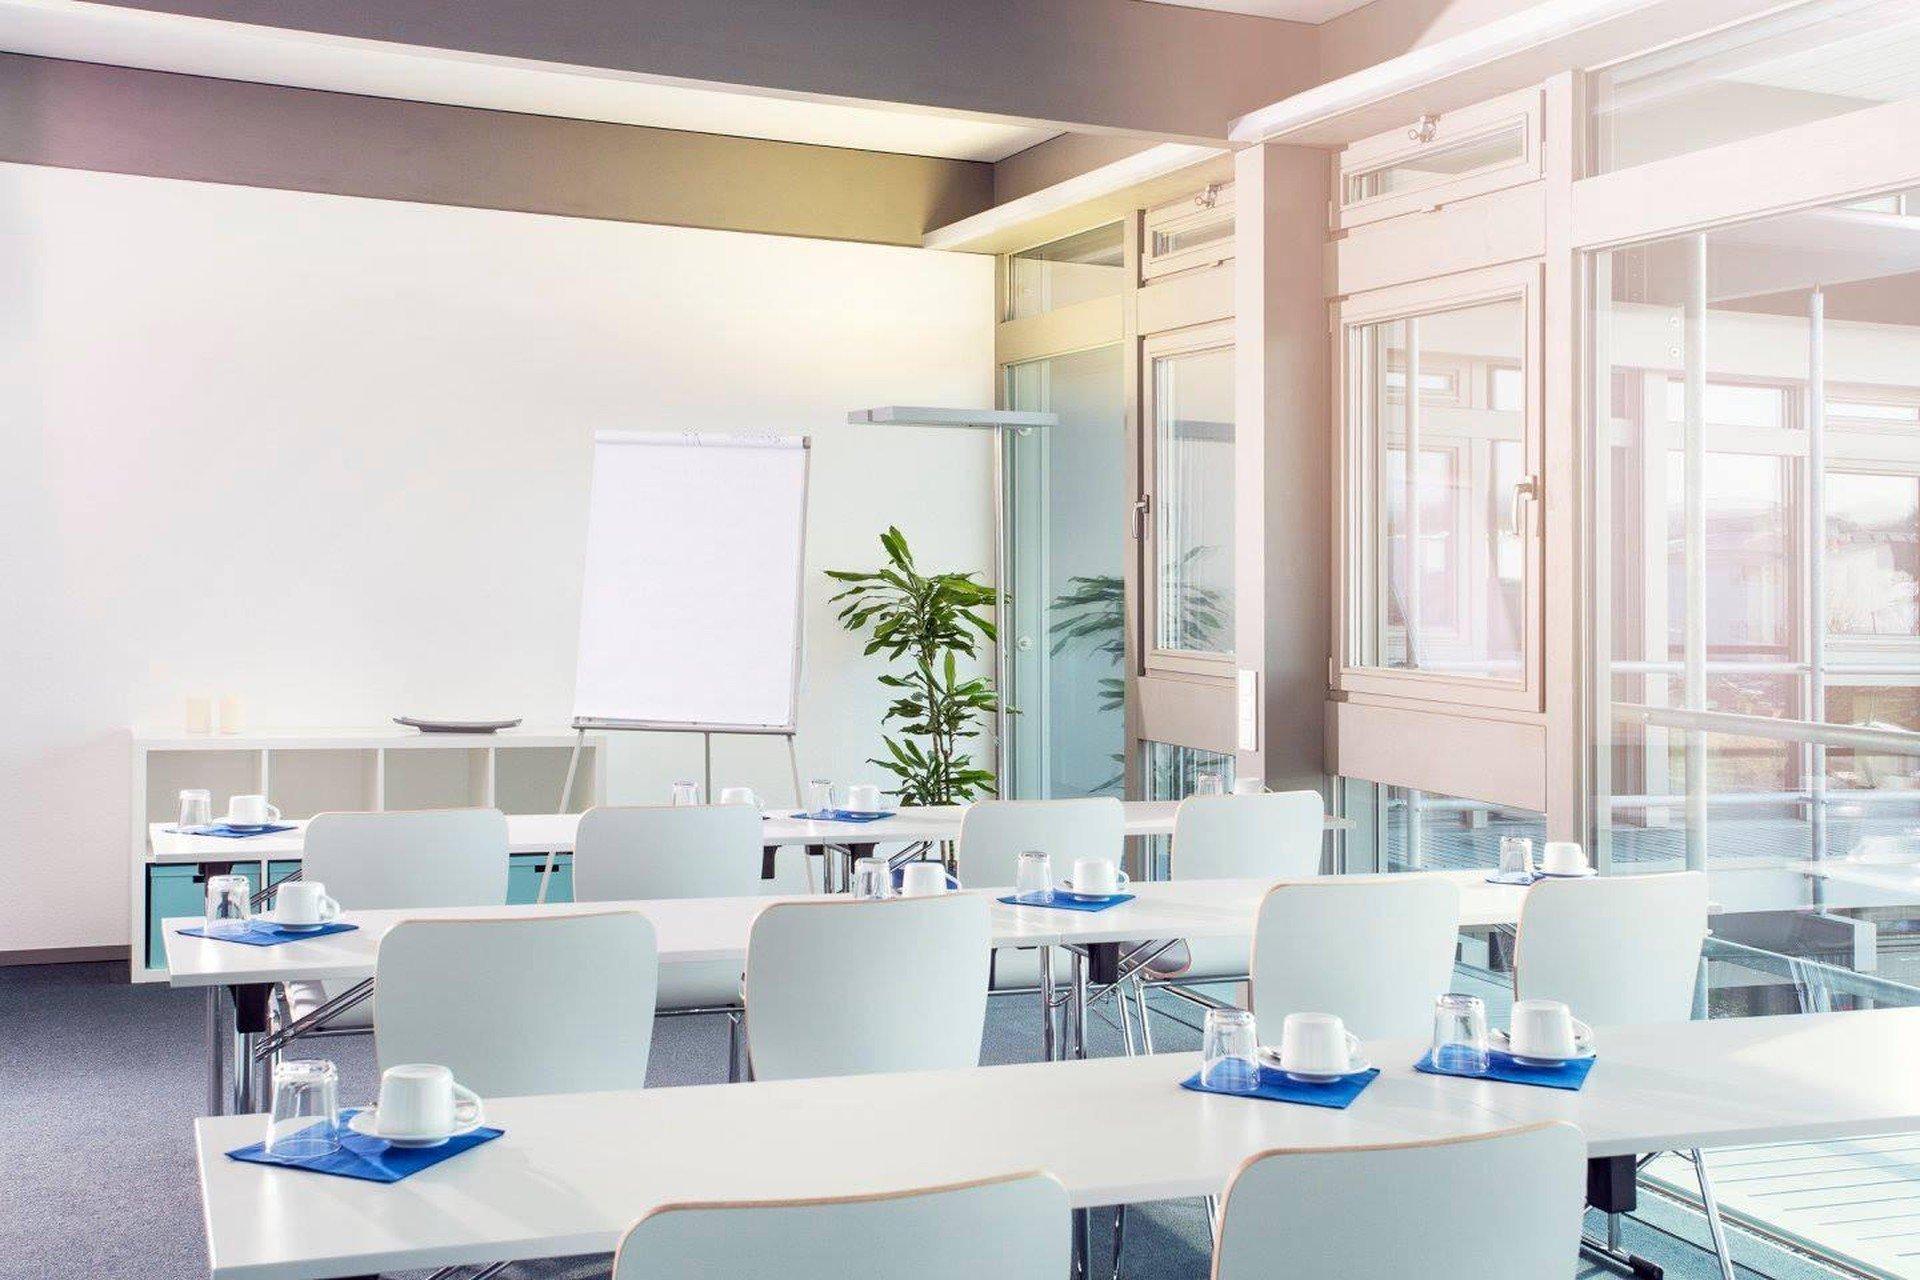 Francfort  Salle de réunion Raum Berlin image 9